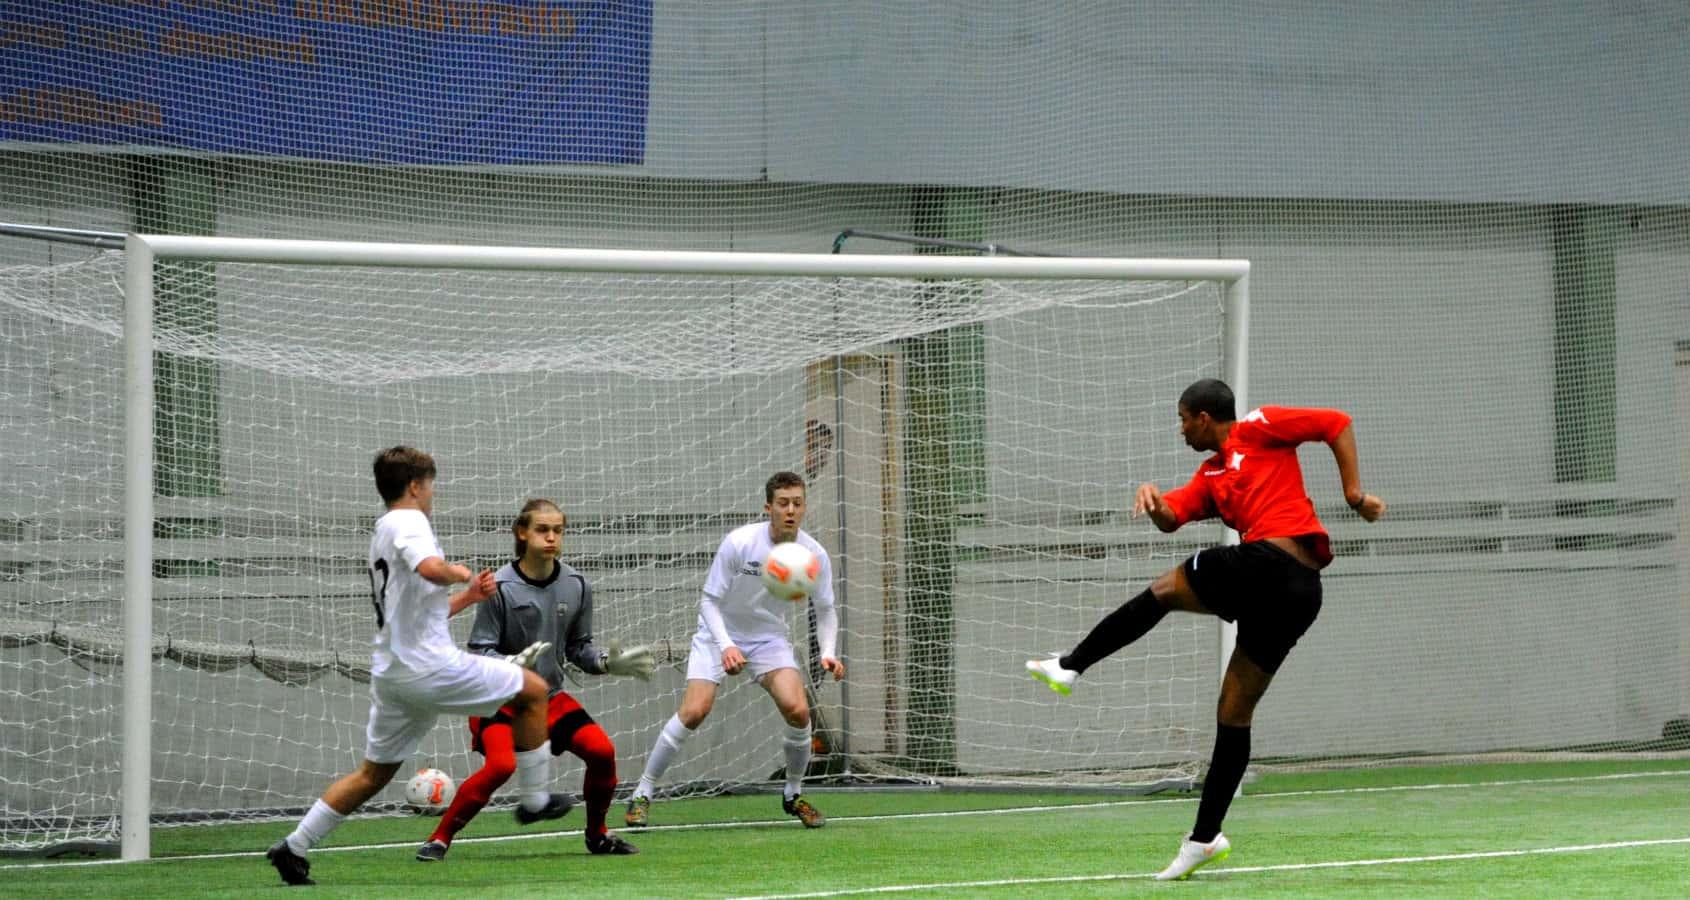 Fotbollsläger på Åland